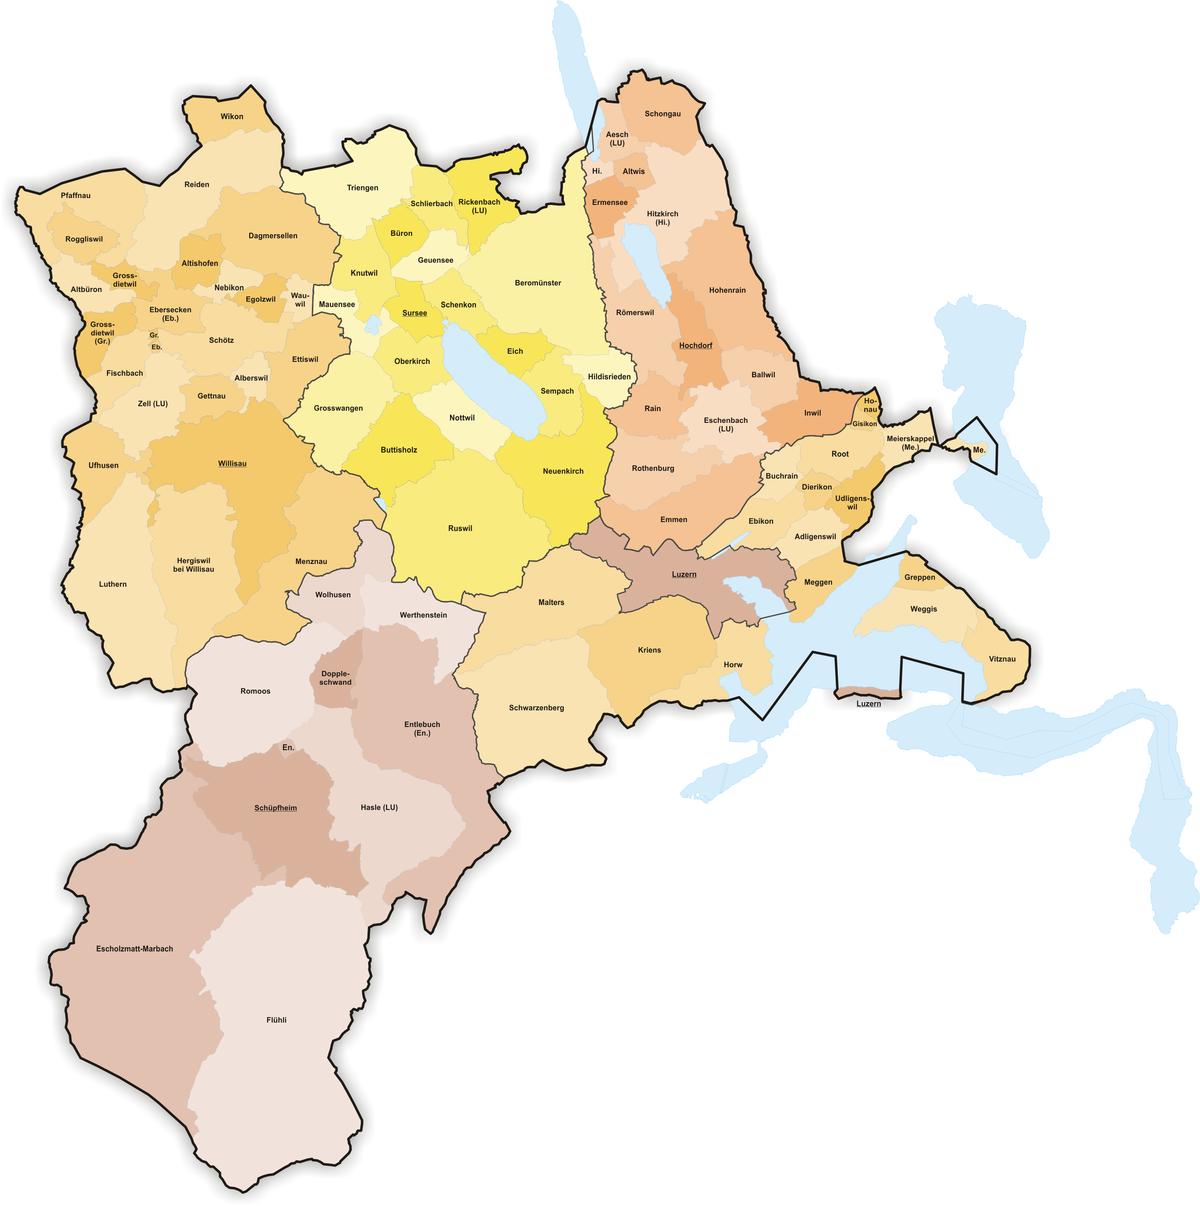 communes du canton de lucerne wikip dia